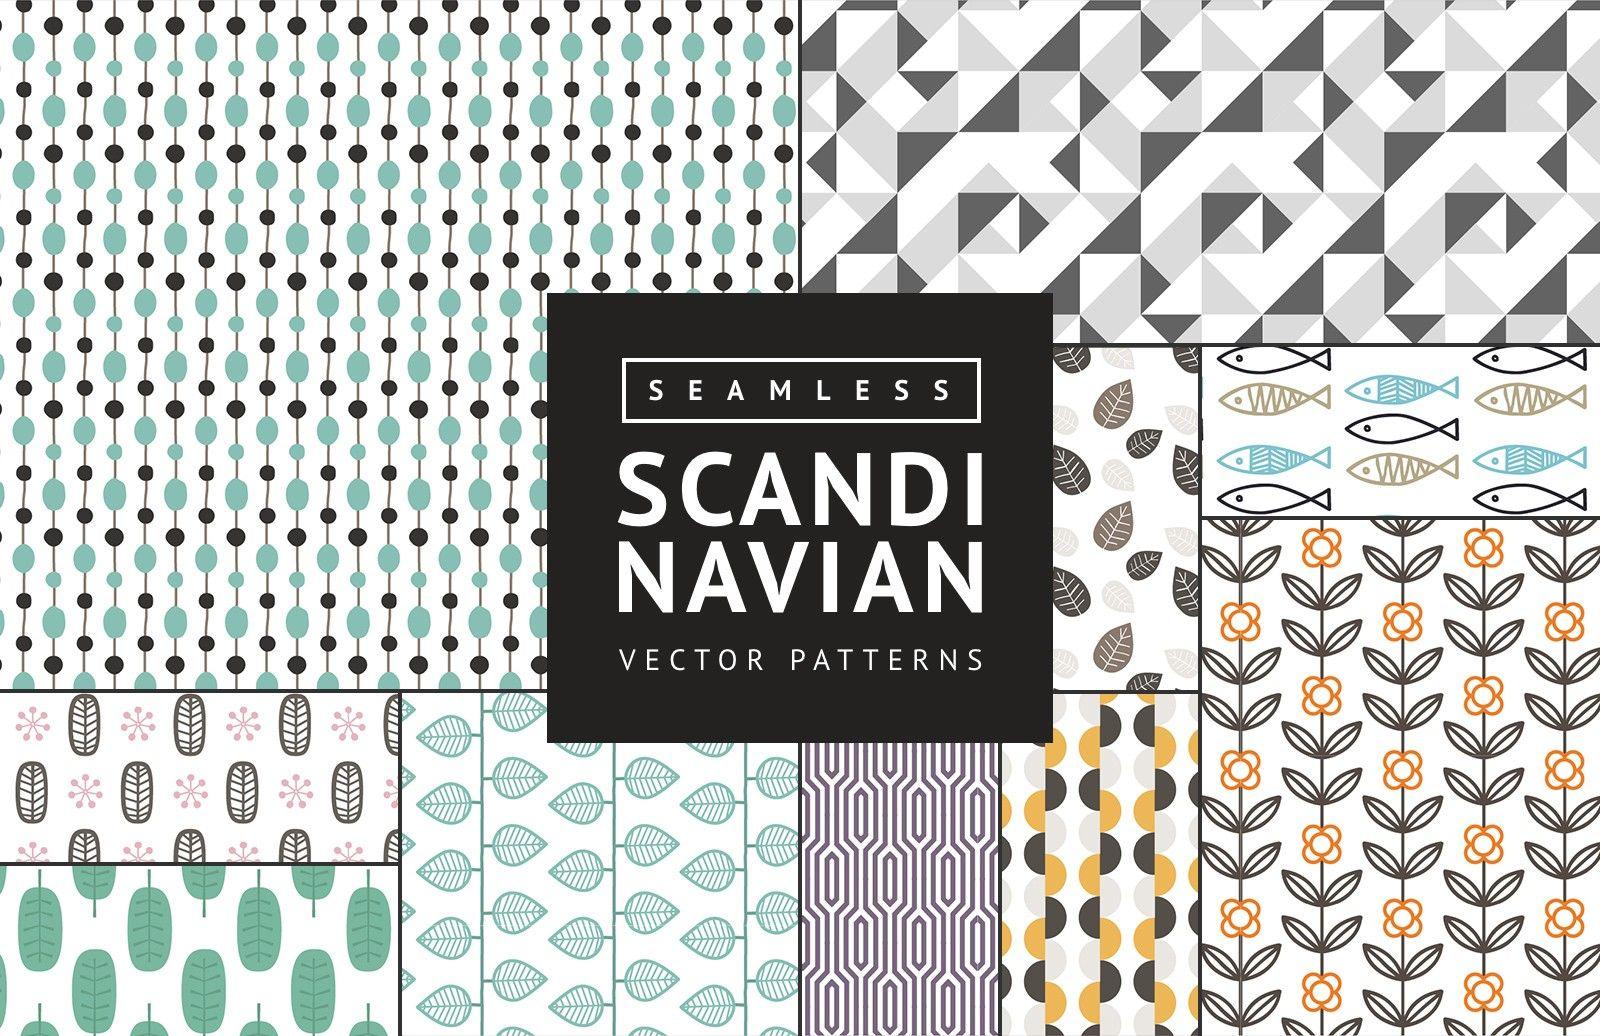 Medialoot Seamless Scandinavian Vector Patterns Vector Pattern Scandinavian Design Pattern Background Patterns